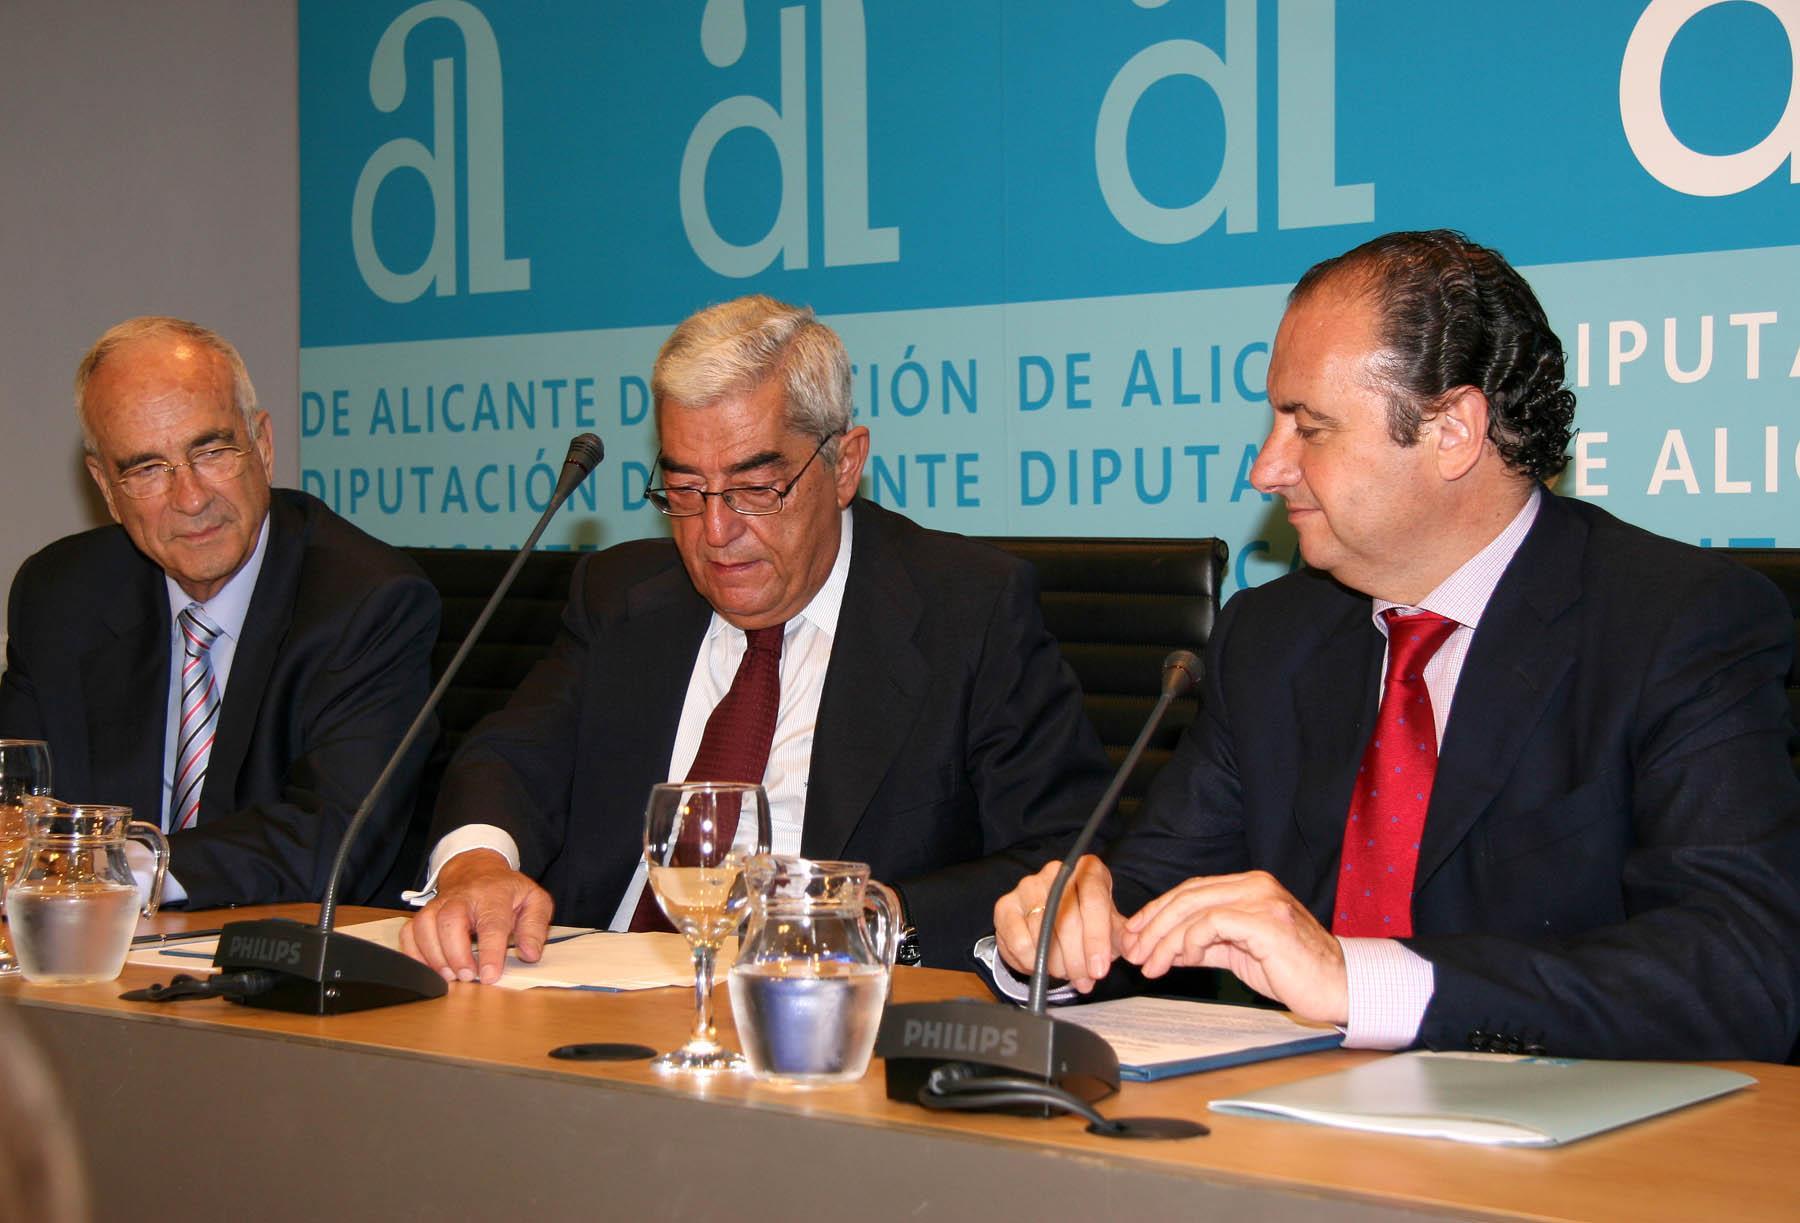 La Caja de Ahorros del Mediterráneo y el Museo del Prado inician su compromiso de colaboración